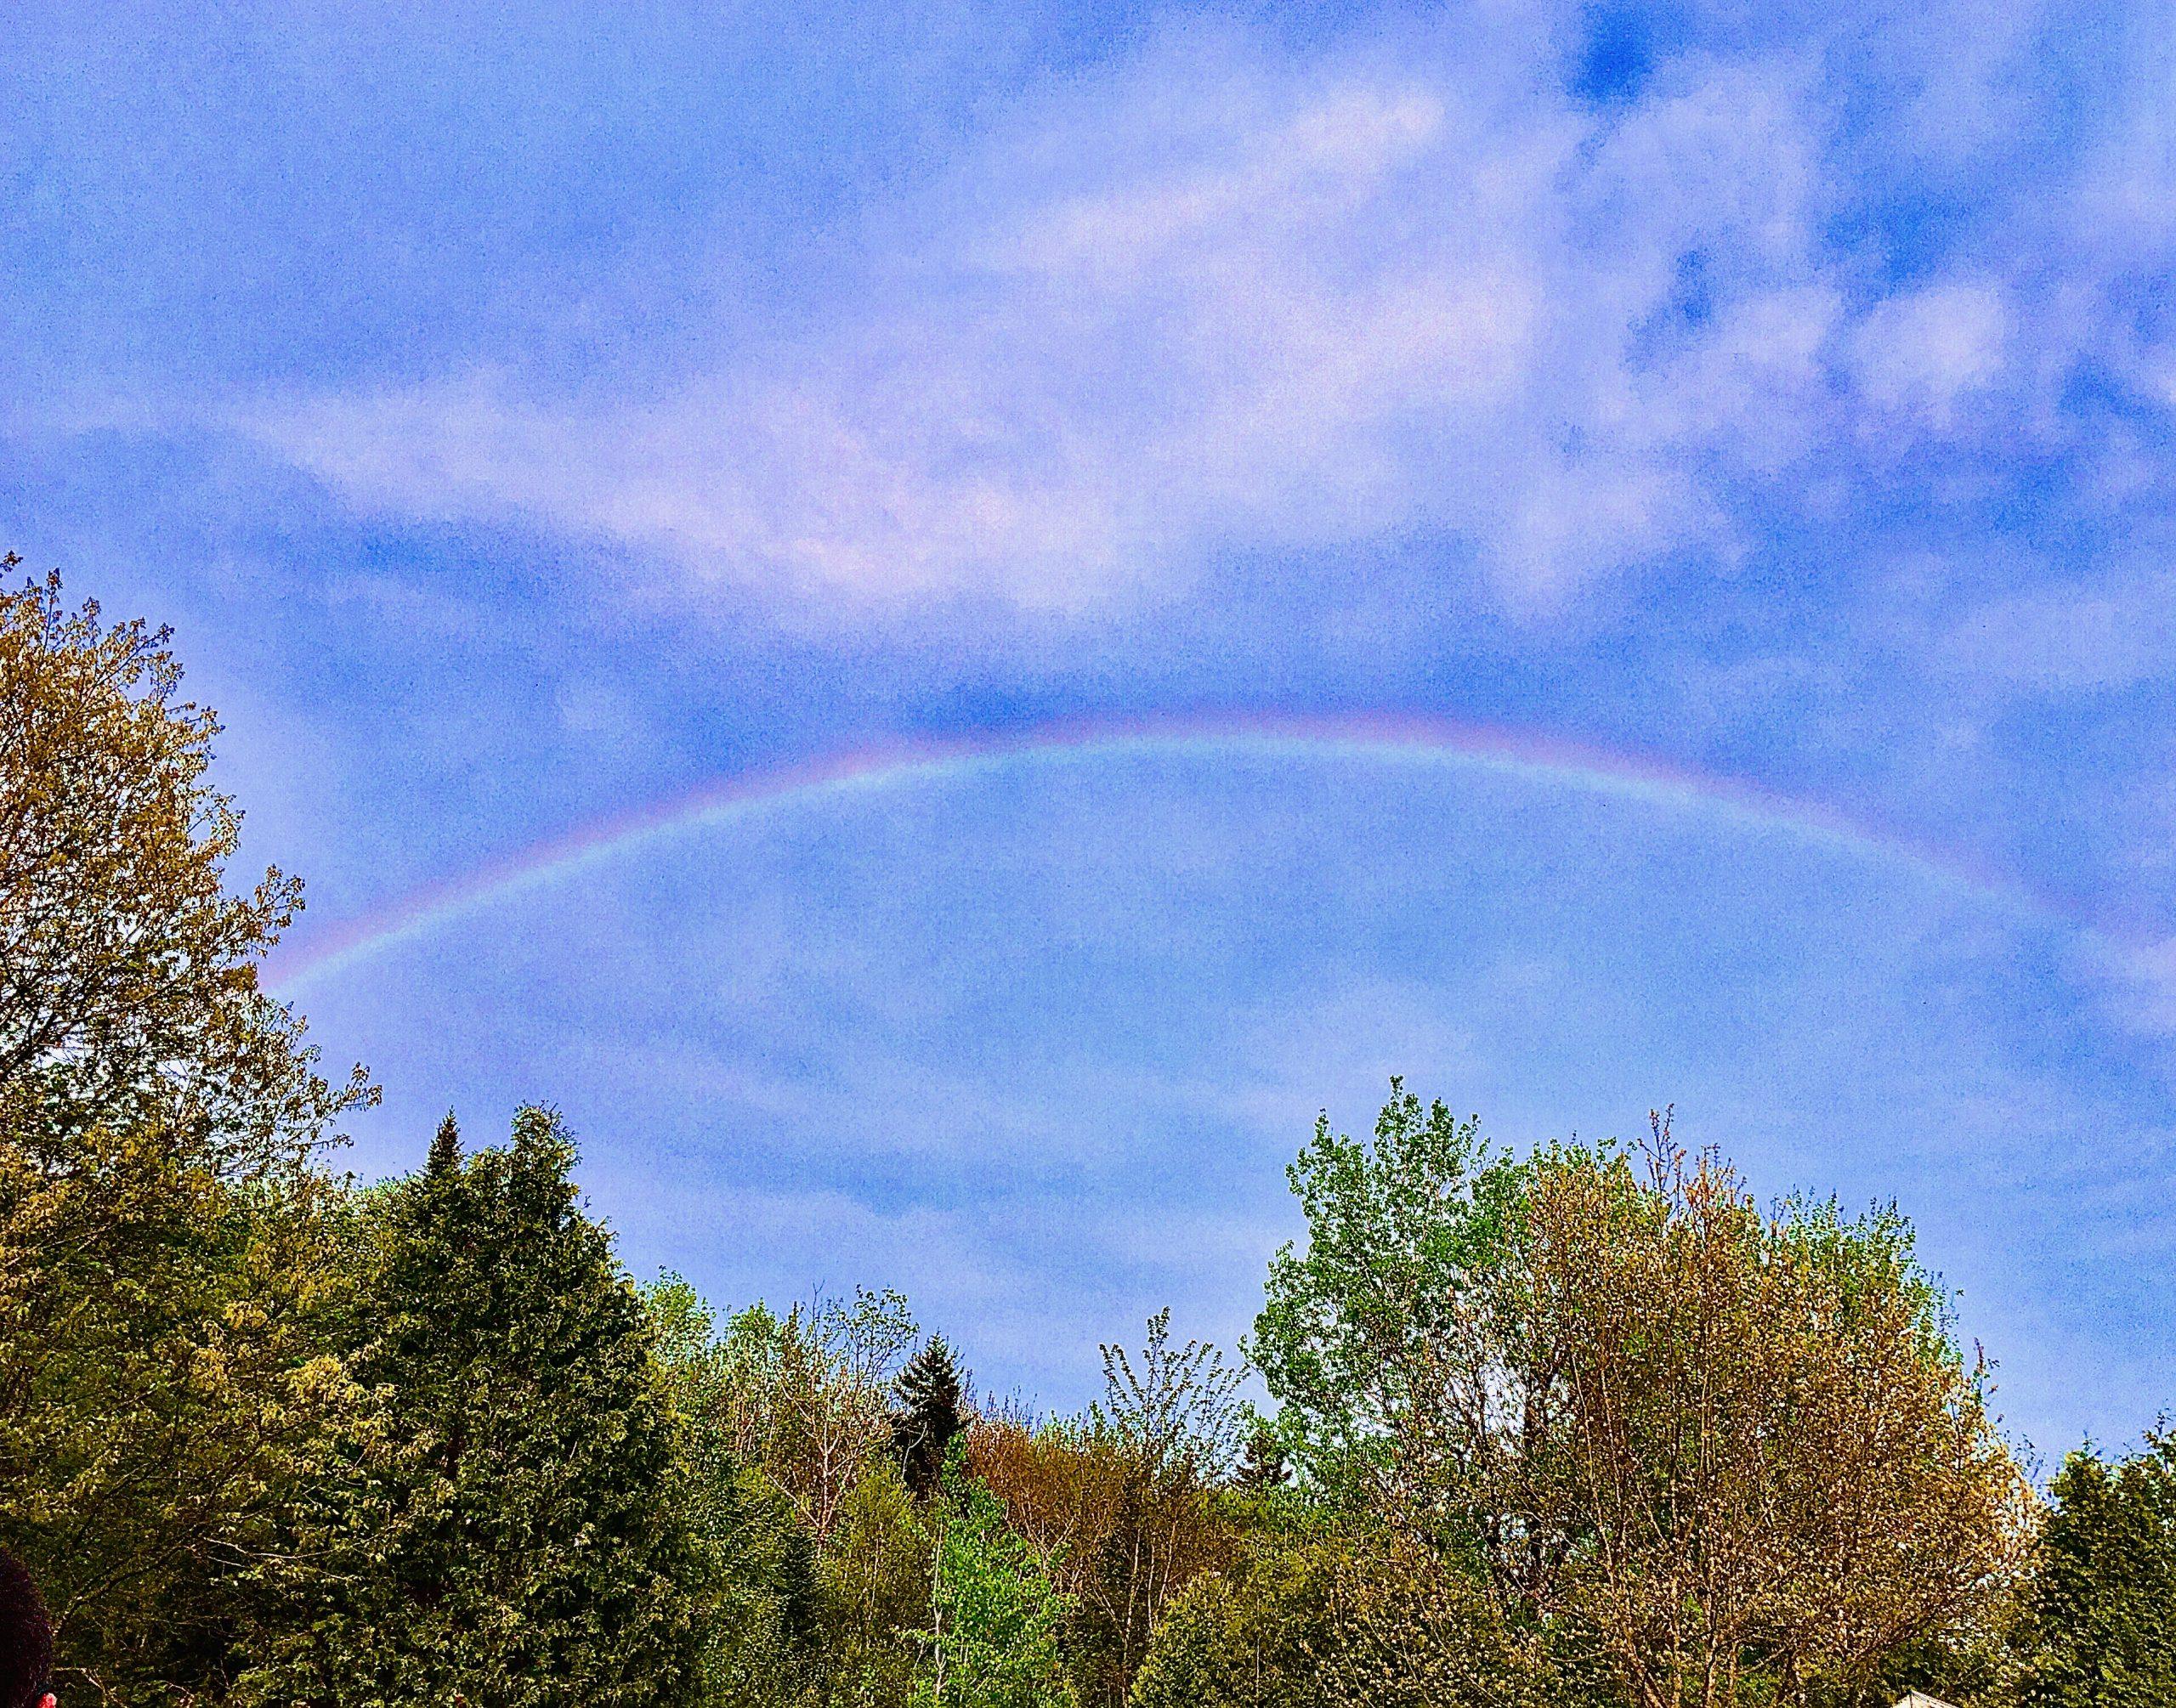 """Voici une photo de Sonia Lessard illustrant un arc-en-ciel à Neuville. Photo prise dans le cadre du concours """"photographes d'arcs-en-ciel"""" de la Société Provancher, 2020."""